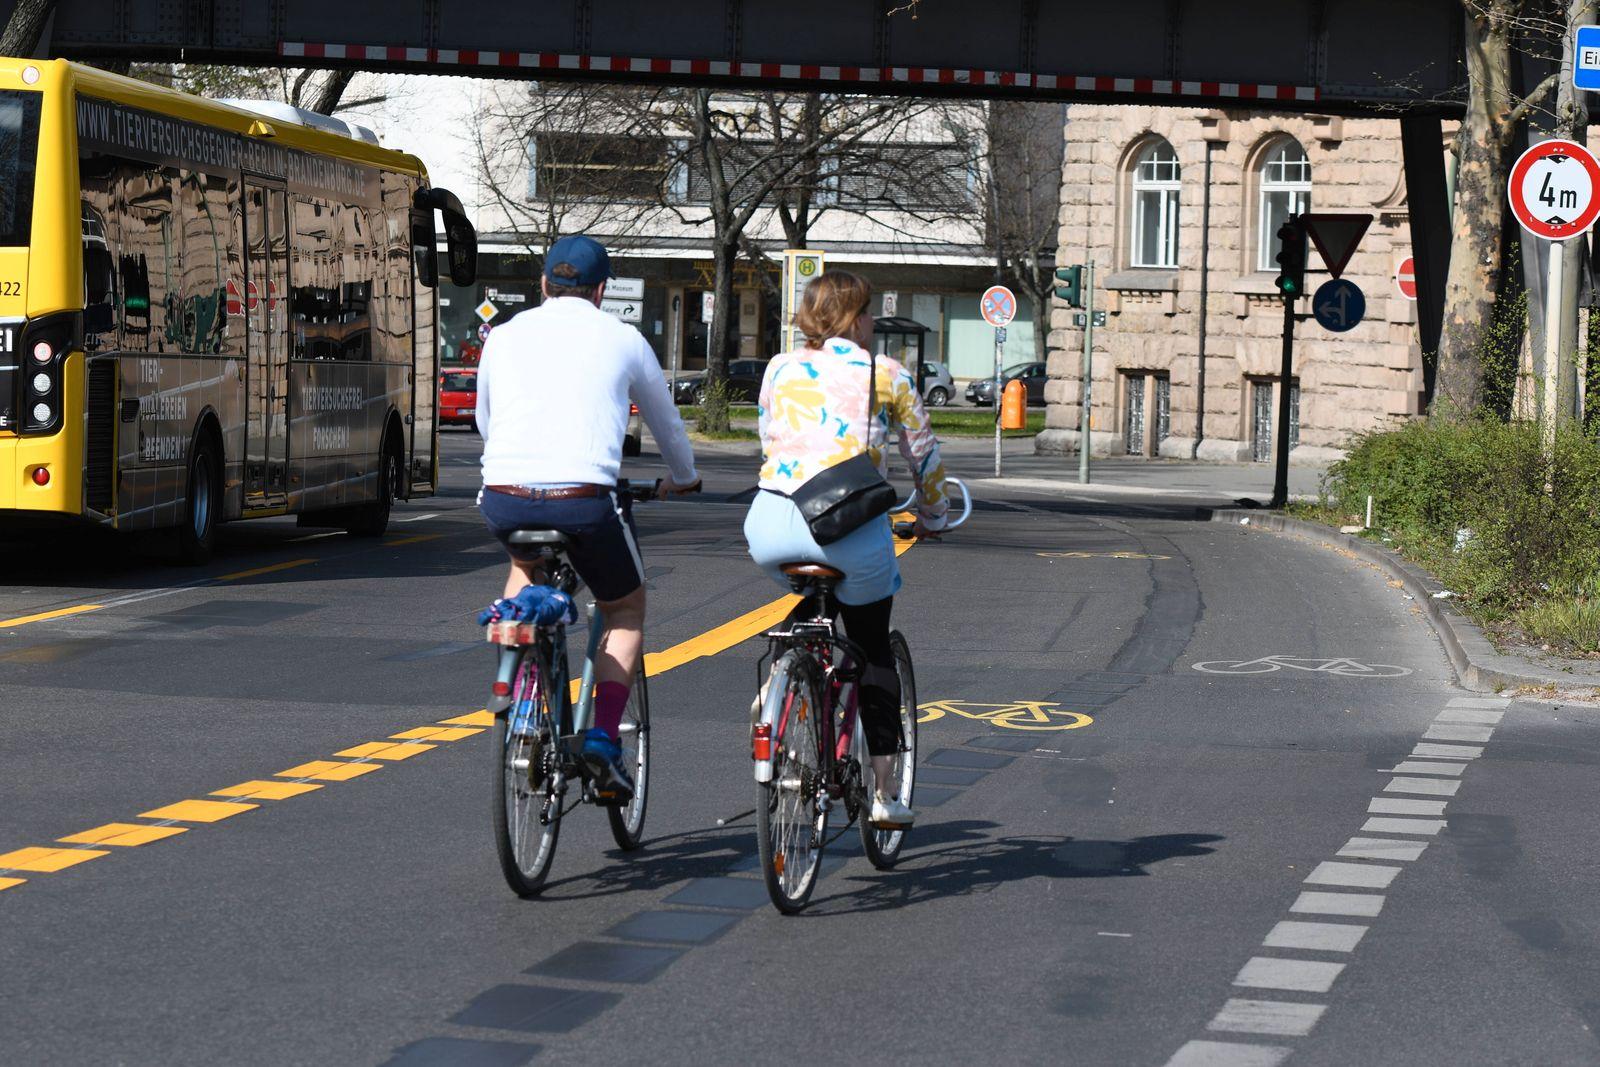 Angesichts des wegen des Corona-Shutdowns verringerten Autoverkehrs hat der Berliner Bezirk Friedrichshain-Kreuzberg Fa